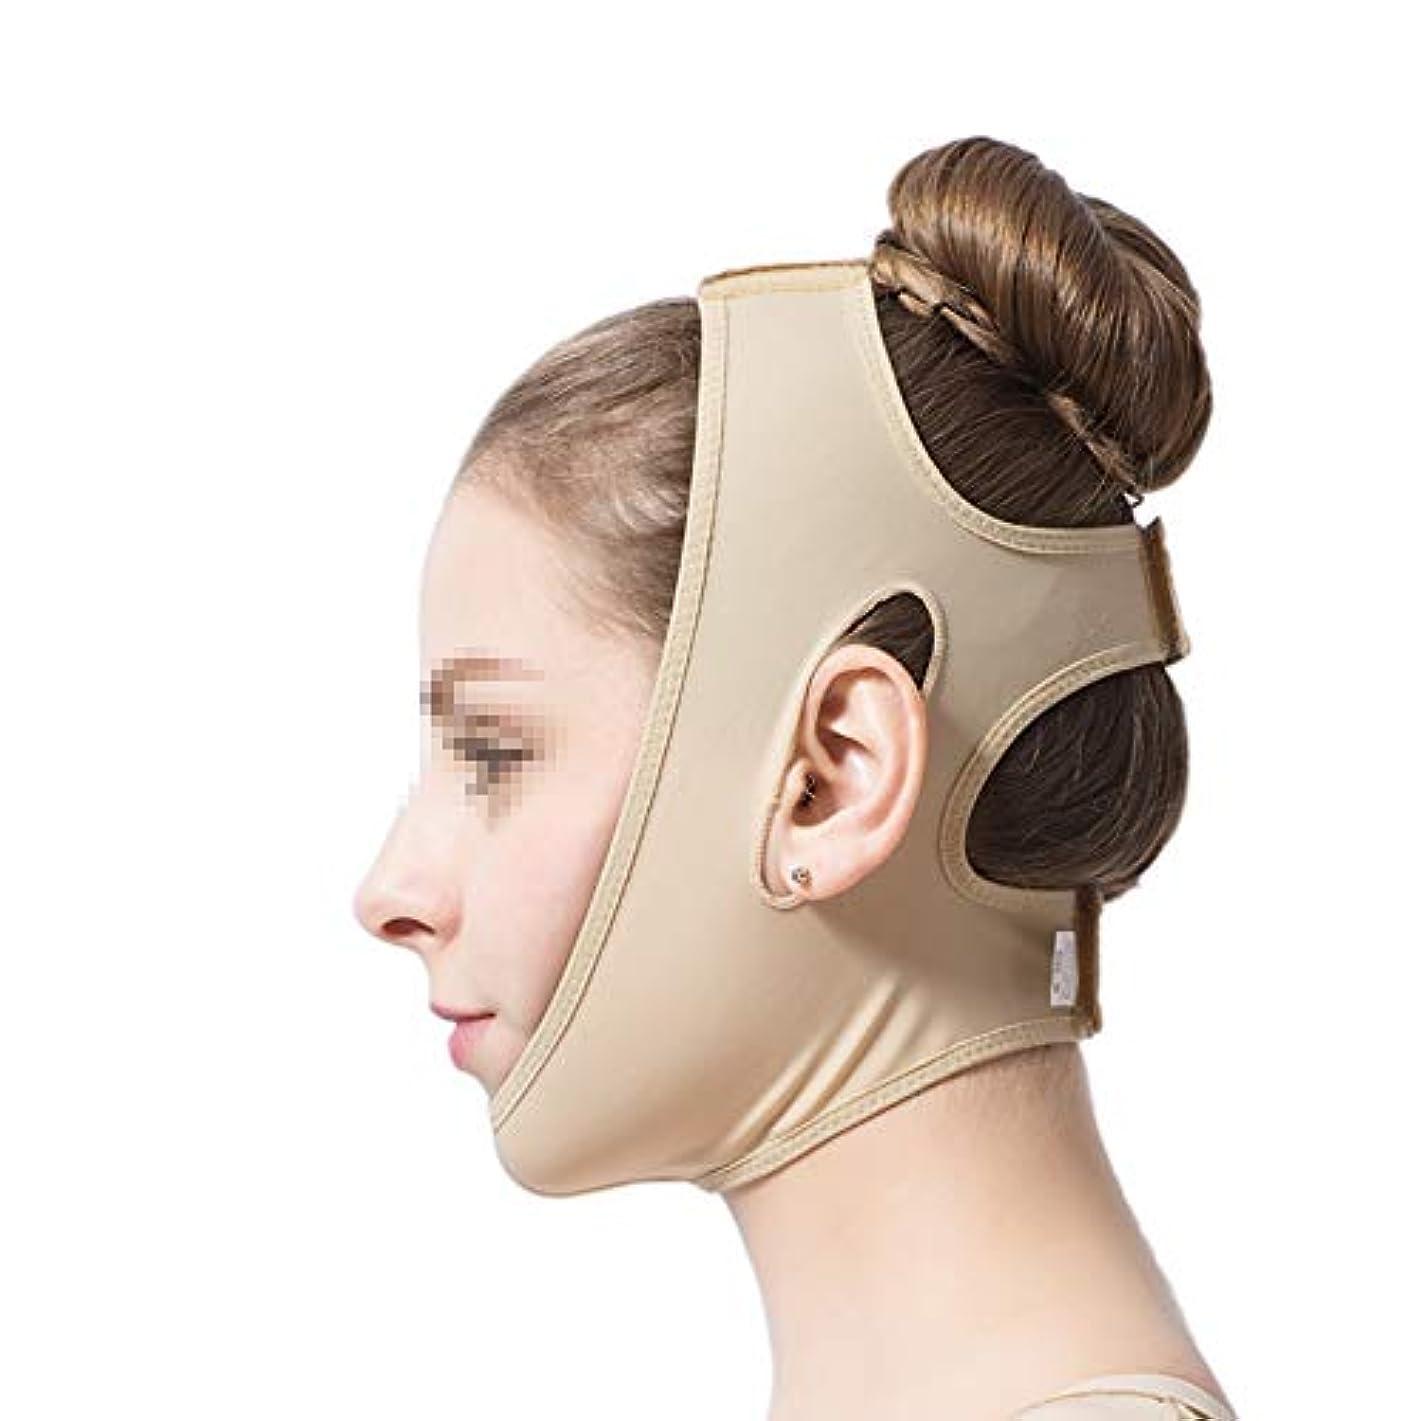 コンベンション間欠ご近所フェイスリフトマスク、下顎袖医療グレード脂肪吸引術整形弾性ヘッドギアダブルあご顔ライン彫刻圧力包帯 (Size : S)